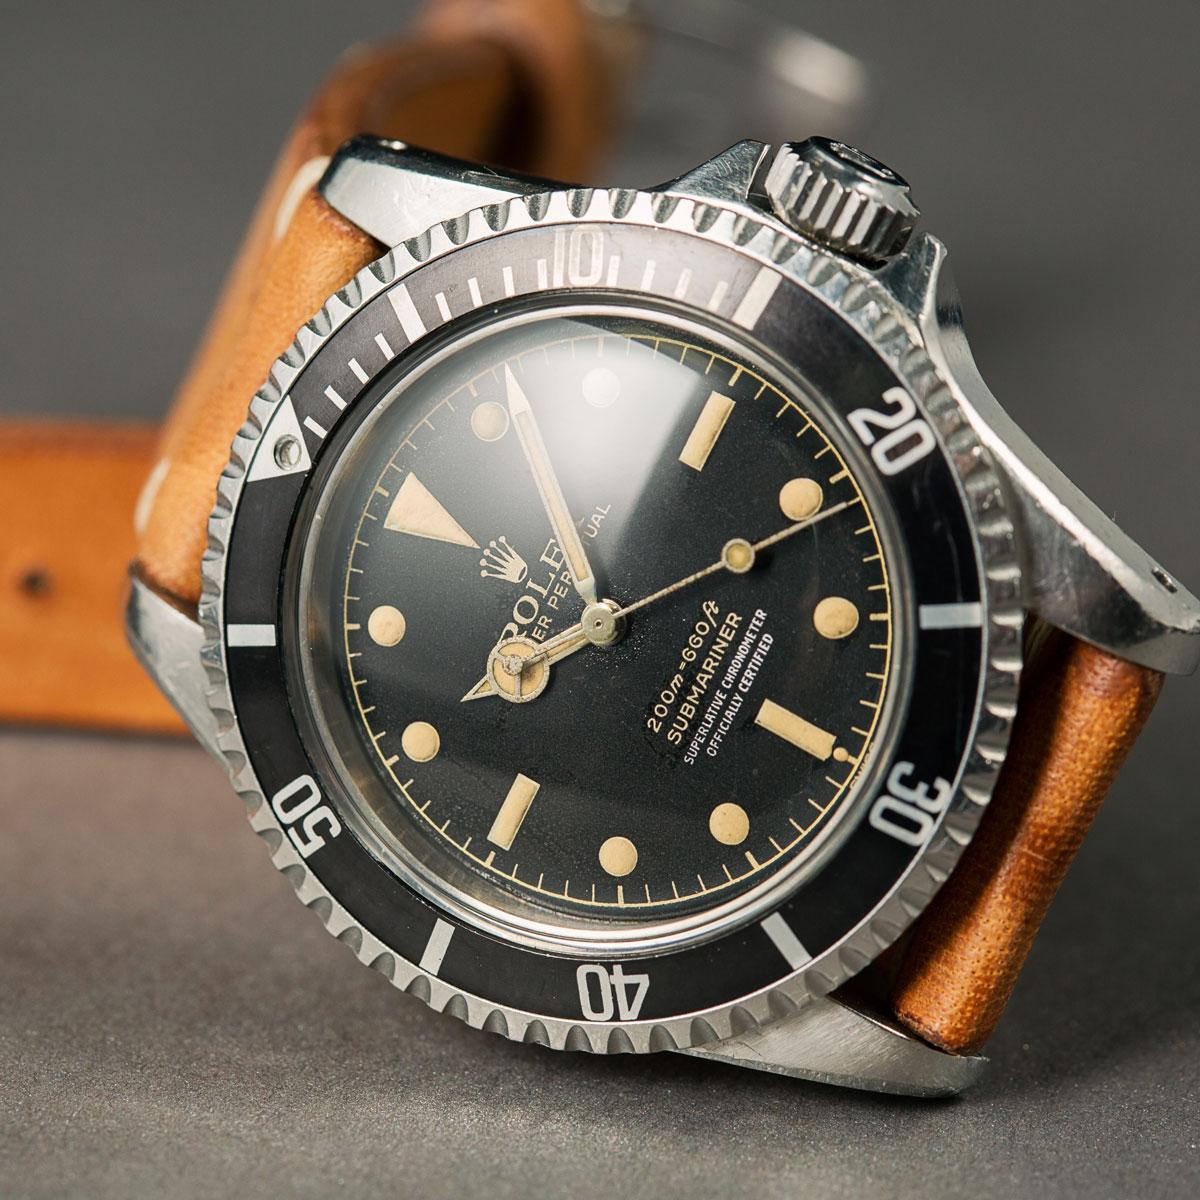 Rolex Submariner 5512 Vintage